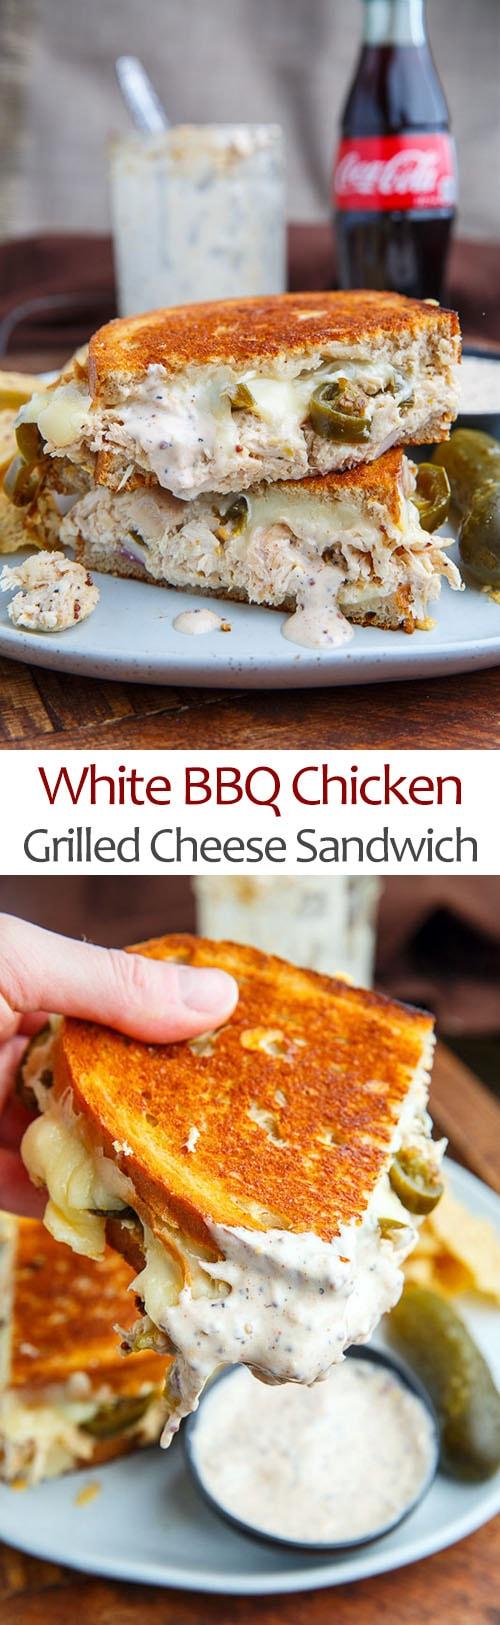 White BBQ Chicken Grilled Cheese Sandwich